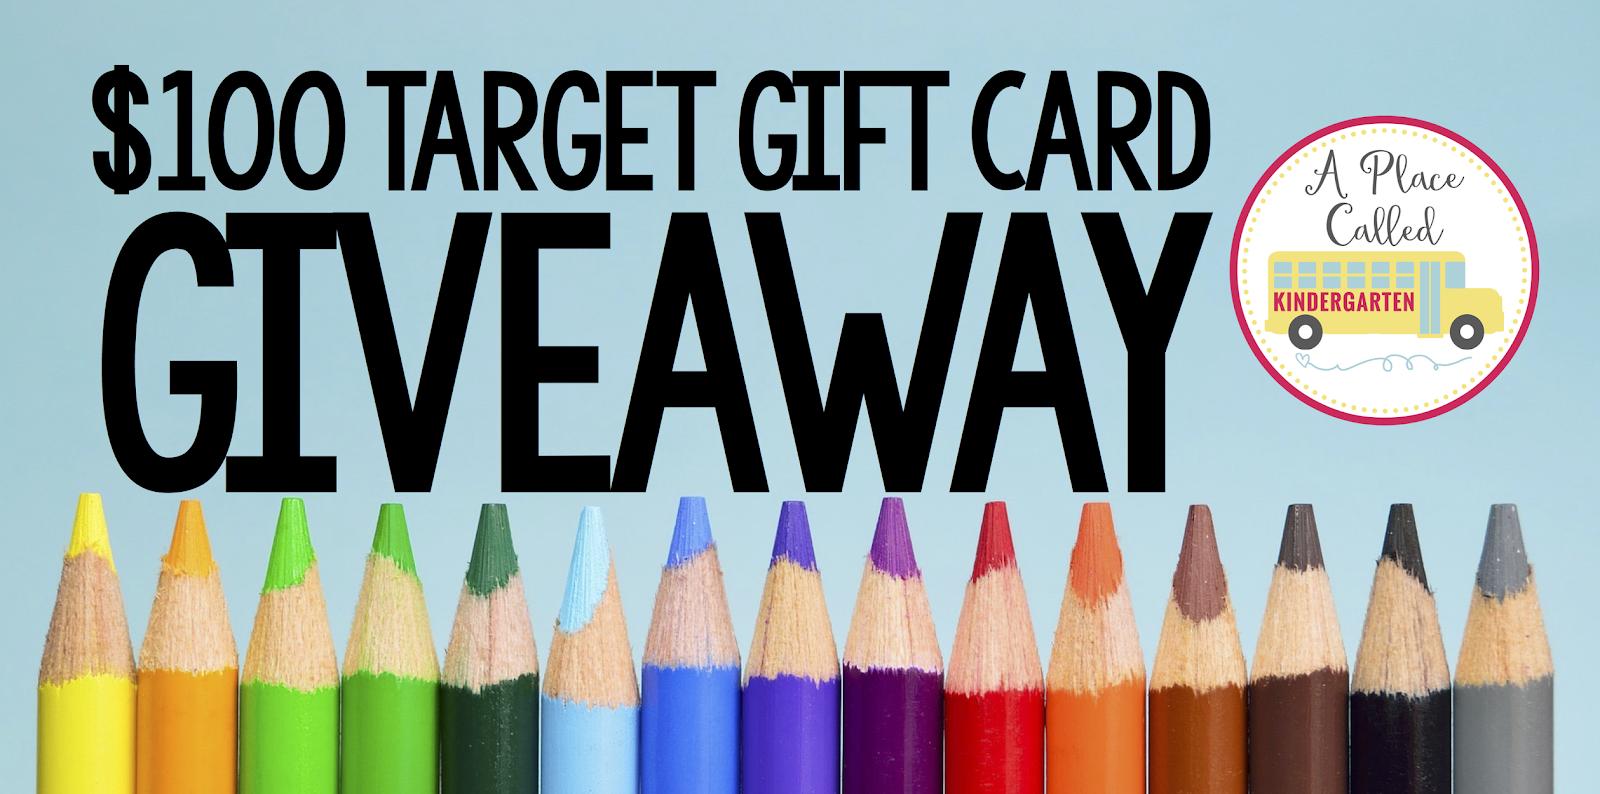 a place called kindergarten 100 target gift card giveaway. Black Bedroom Furniture Sets. Home Design Ideas